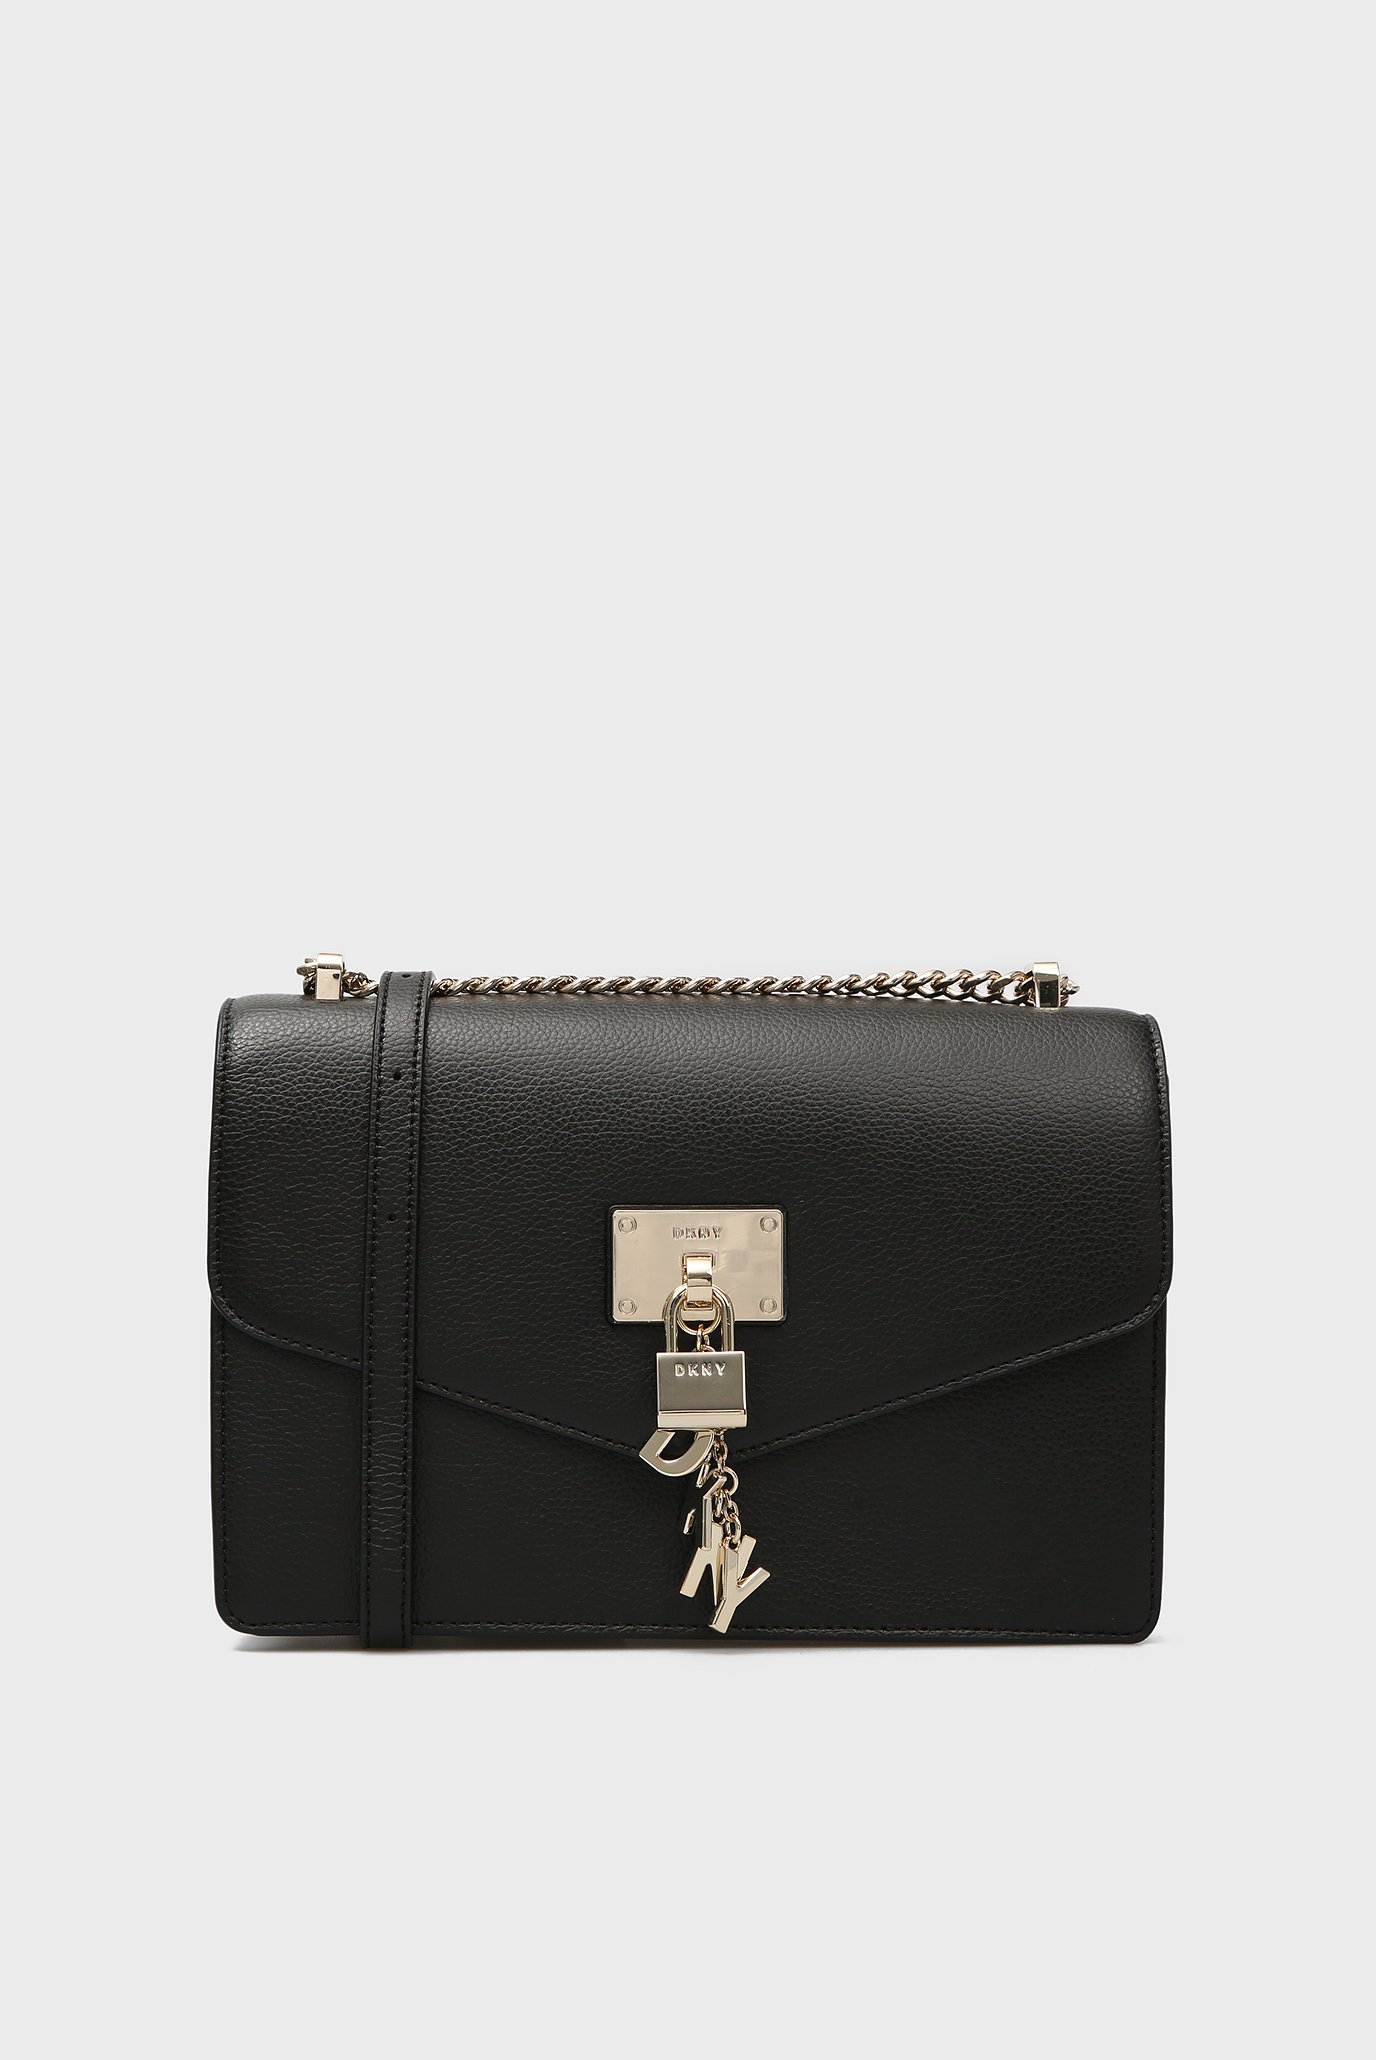 1d85341b38eb Купить Женская черная кожаная сумка через плечо ELISSA-LG DKNY DKNY  R813H281 – Киев, Украина. Цены в интернет магазине MD Fashion